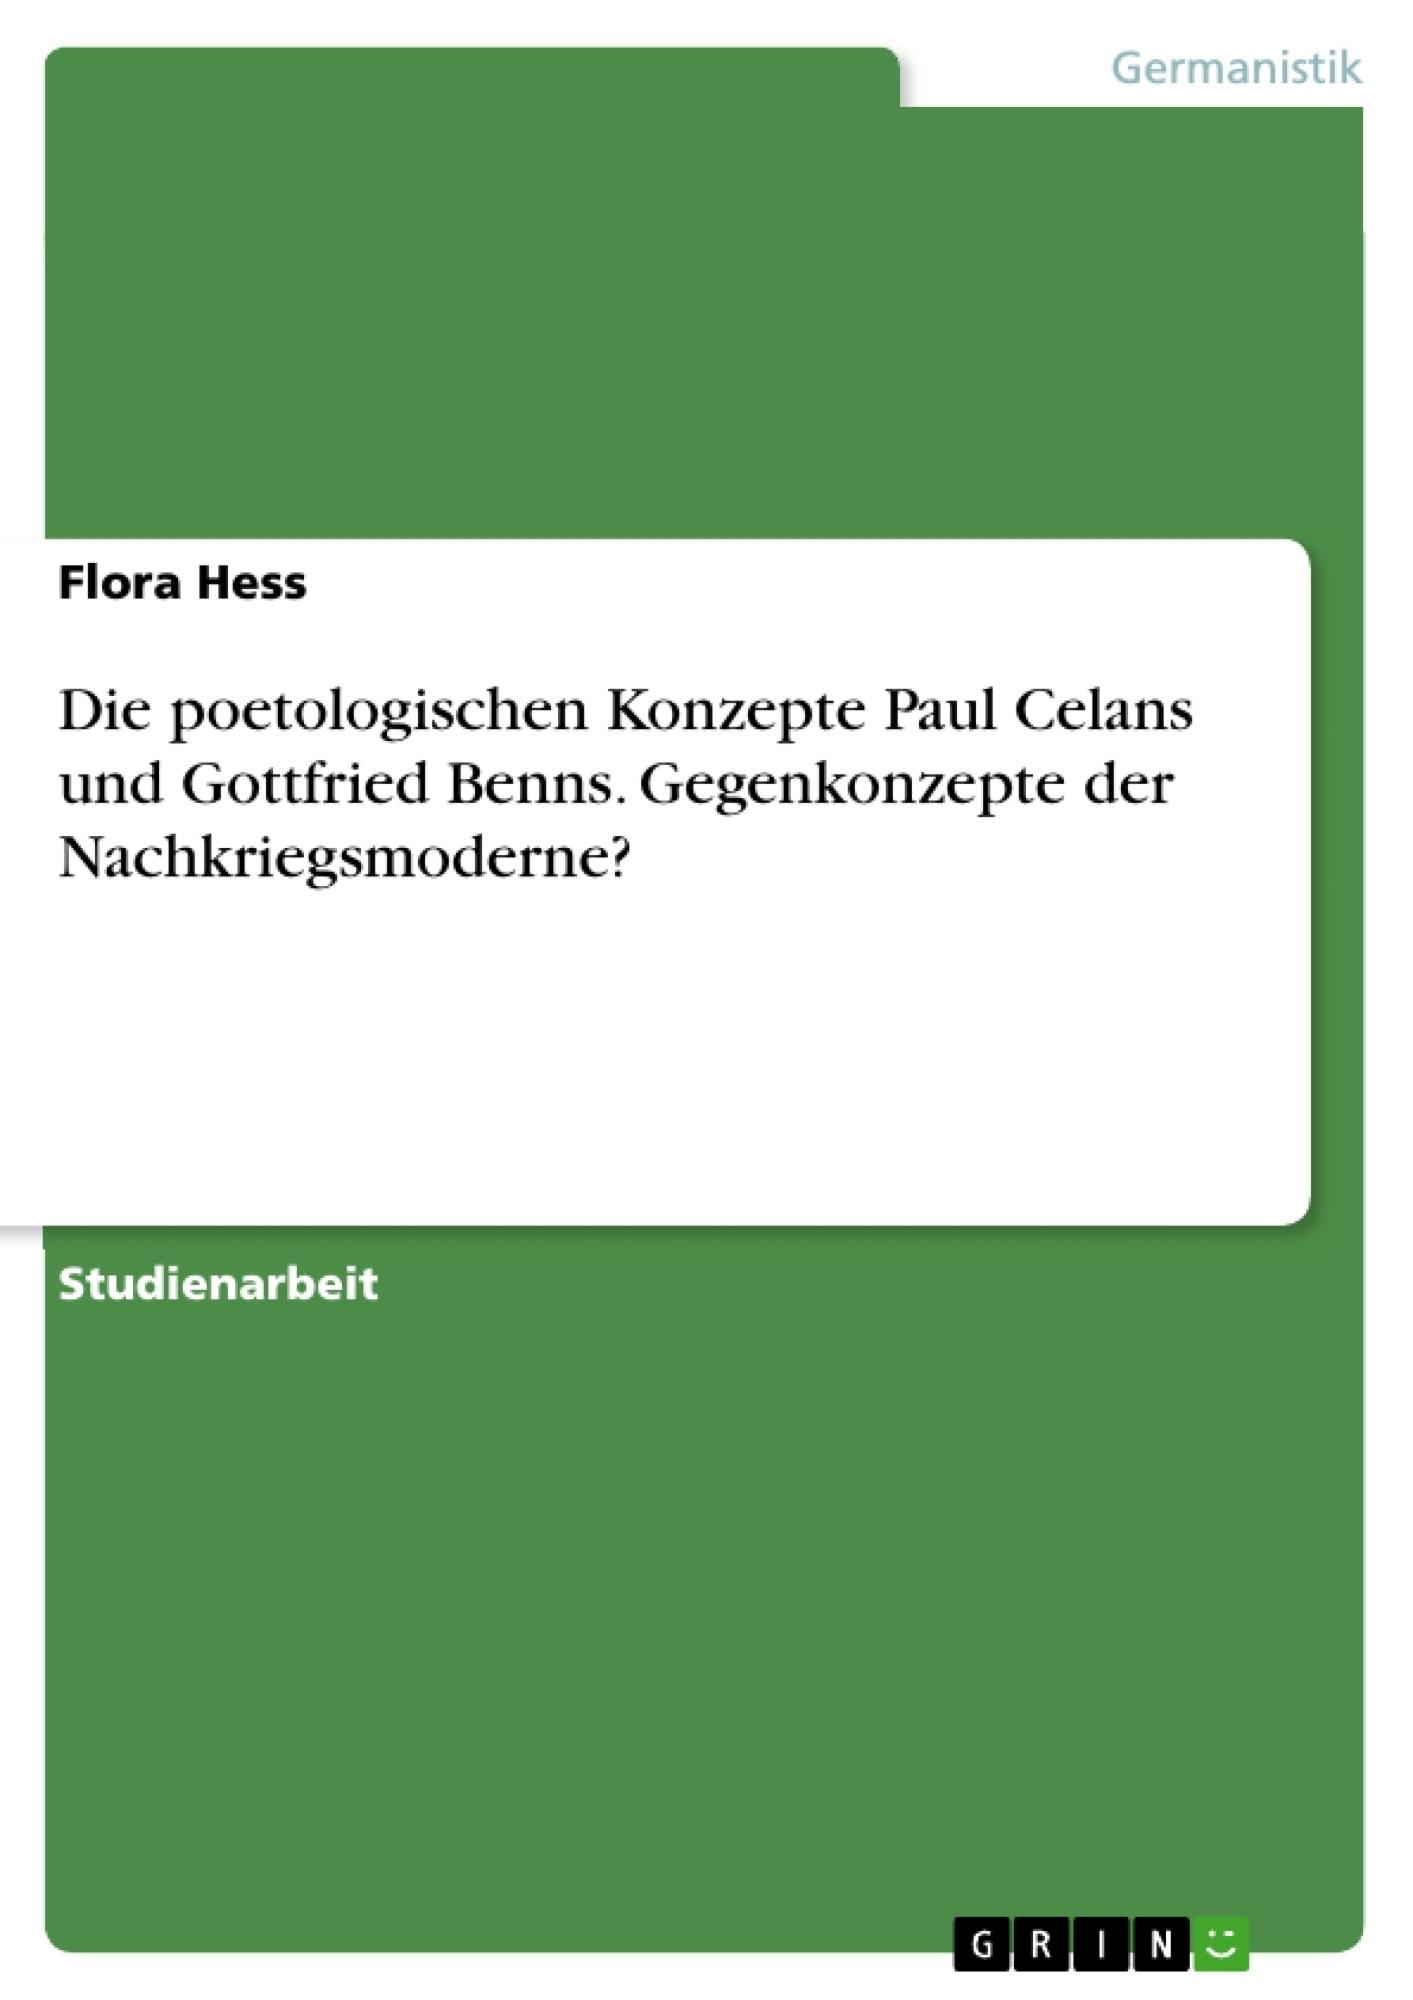 Titel: Die poetologischen Konzepte Paul Celans und Gottfried Benns. Gegenkonzepte der Nachkriegsmoderne?